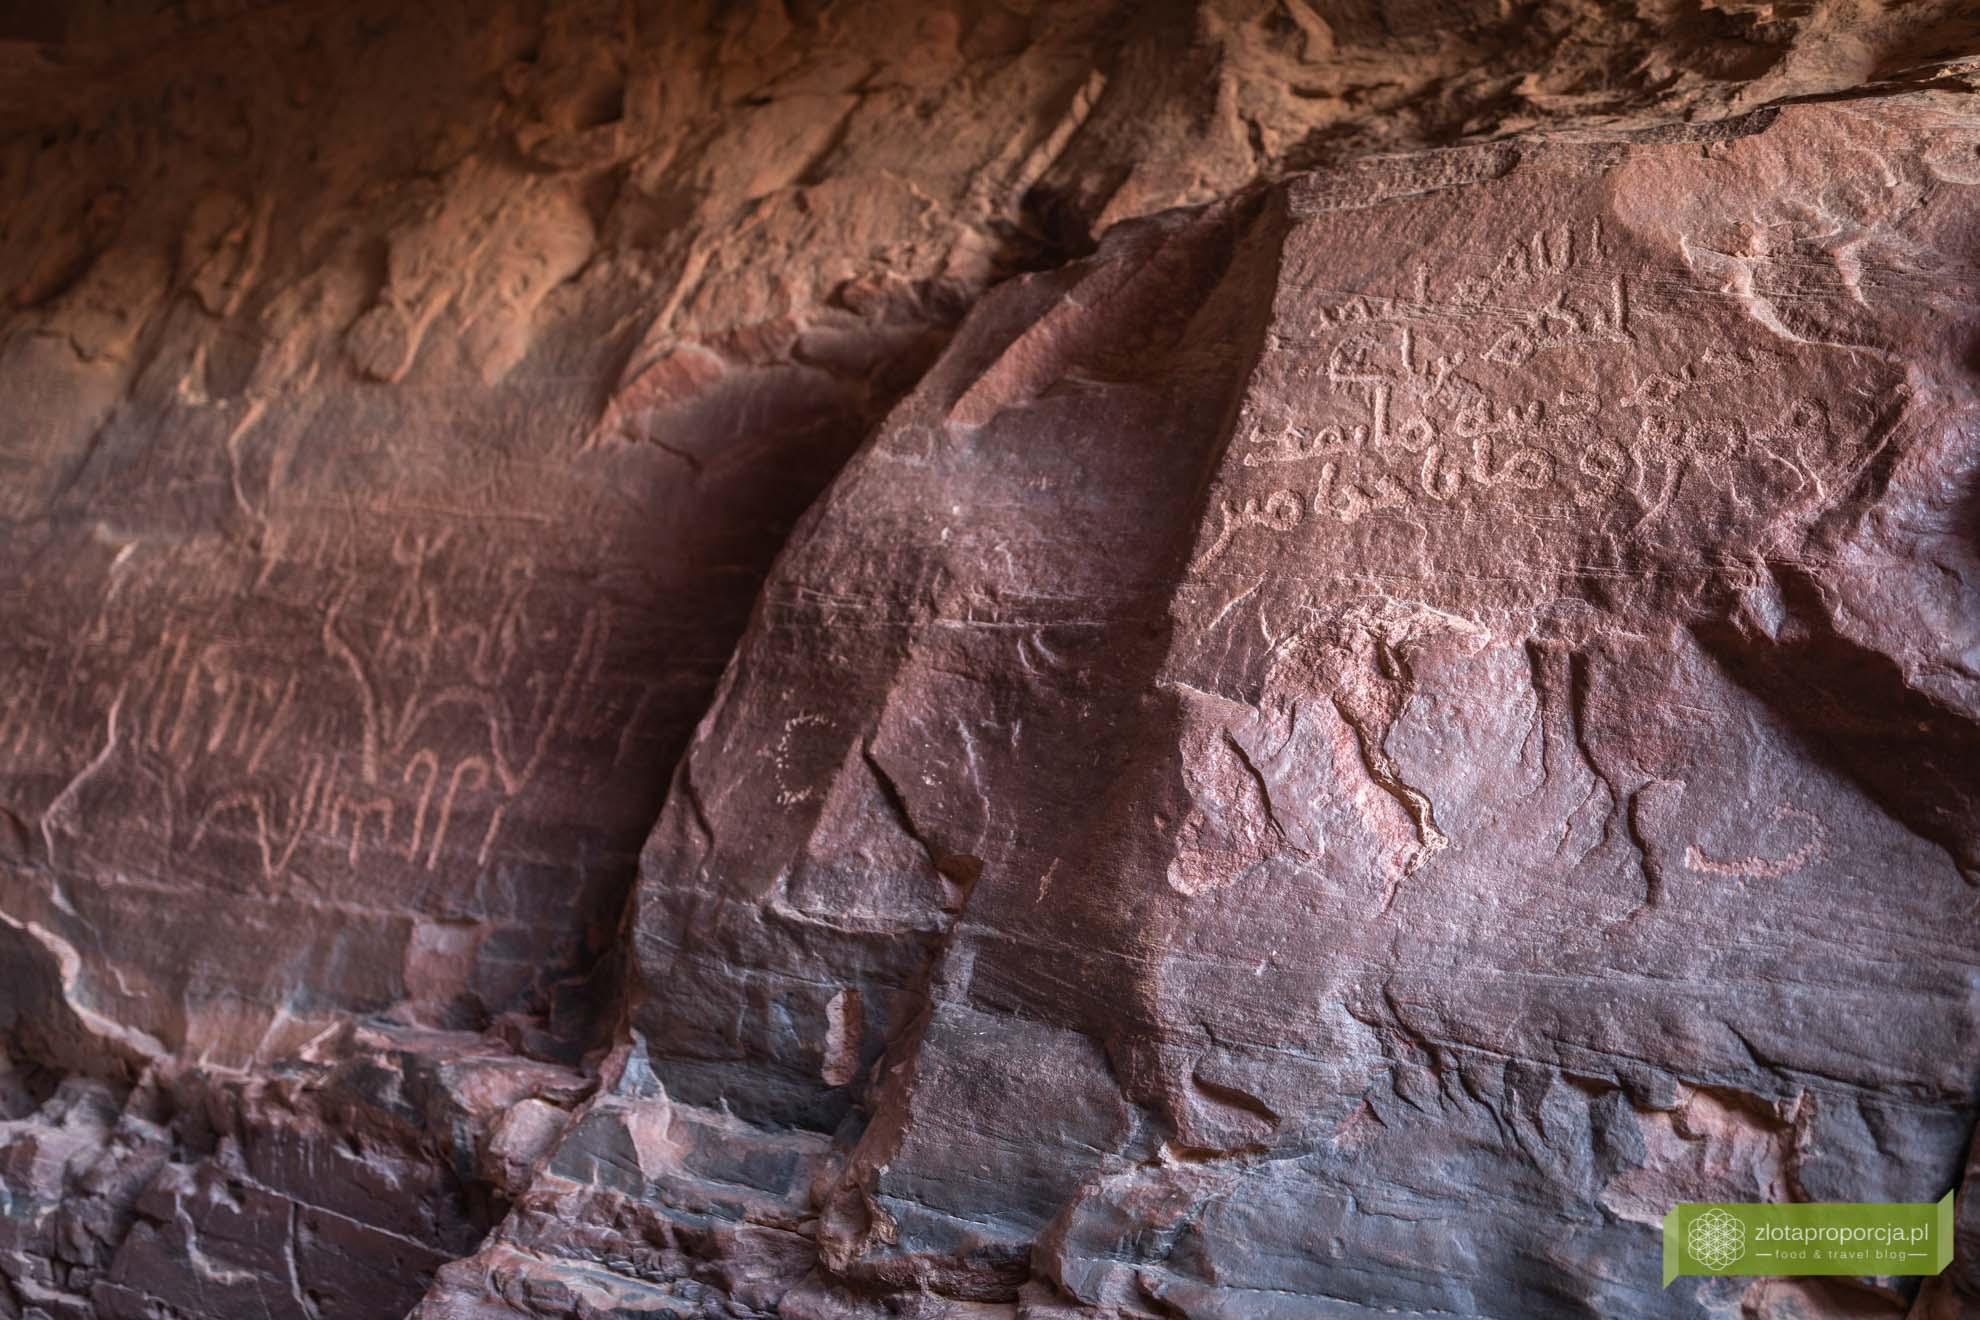 Wadi Rum, pustynia Wadi Rum, Jordania, pustynia Jordania; Wadi rum wycieczka, Wadi Rum zwiedzanie, Jordania atrakcje; Kanion Khazali; inskrypcje Nabatejczyków; Wadi Rum inskrypcje Nabatejczyków;